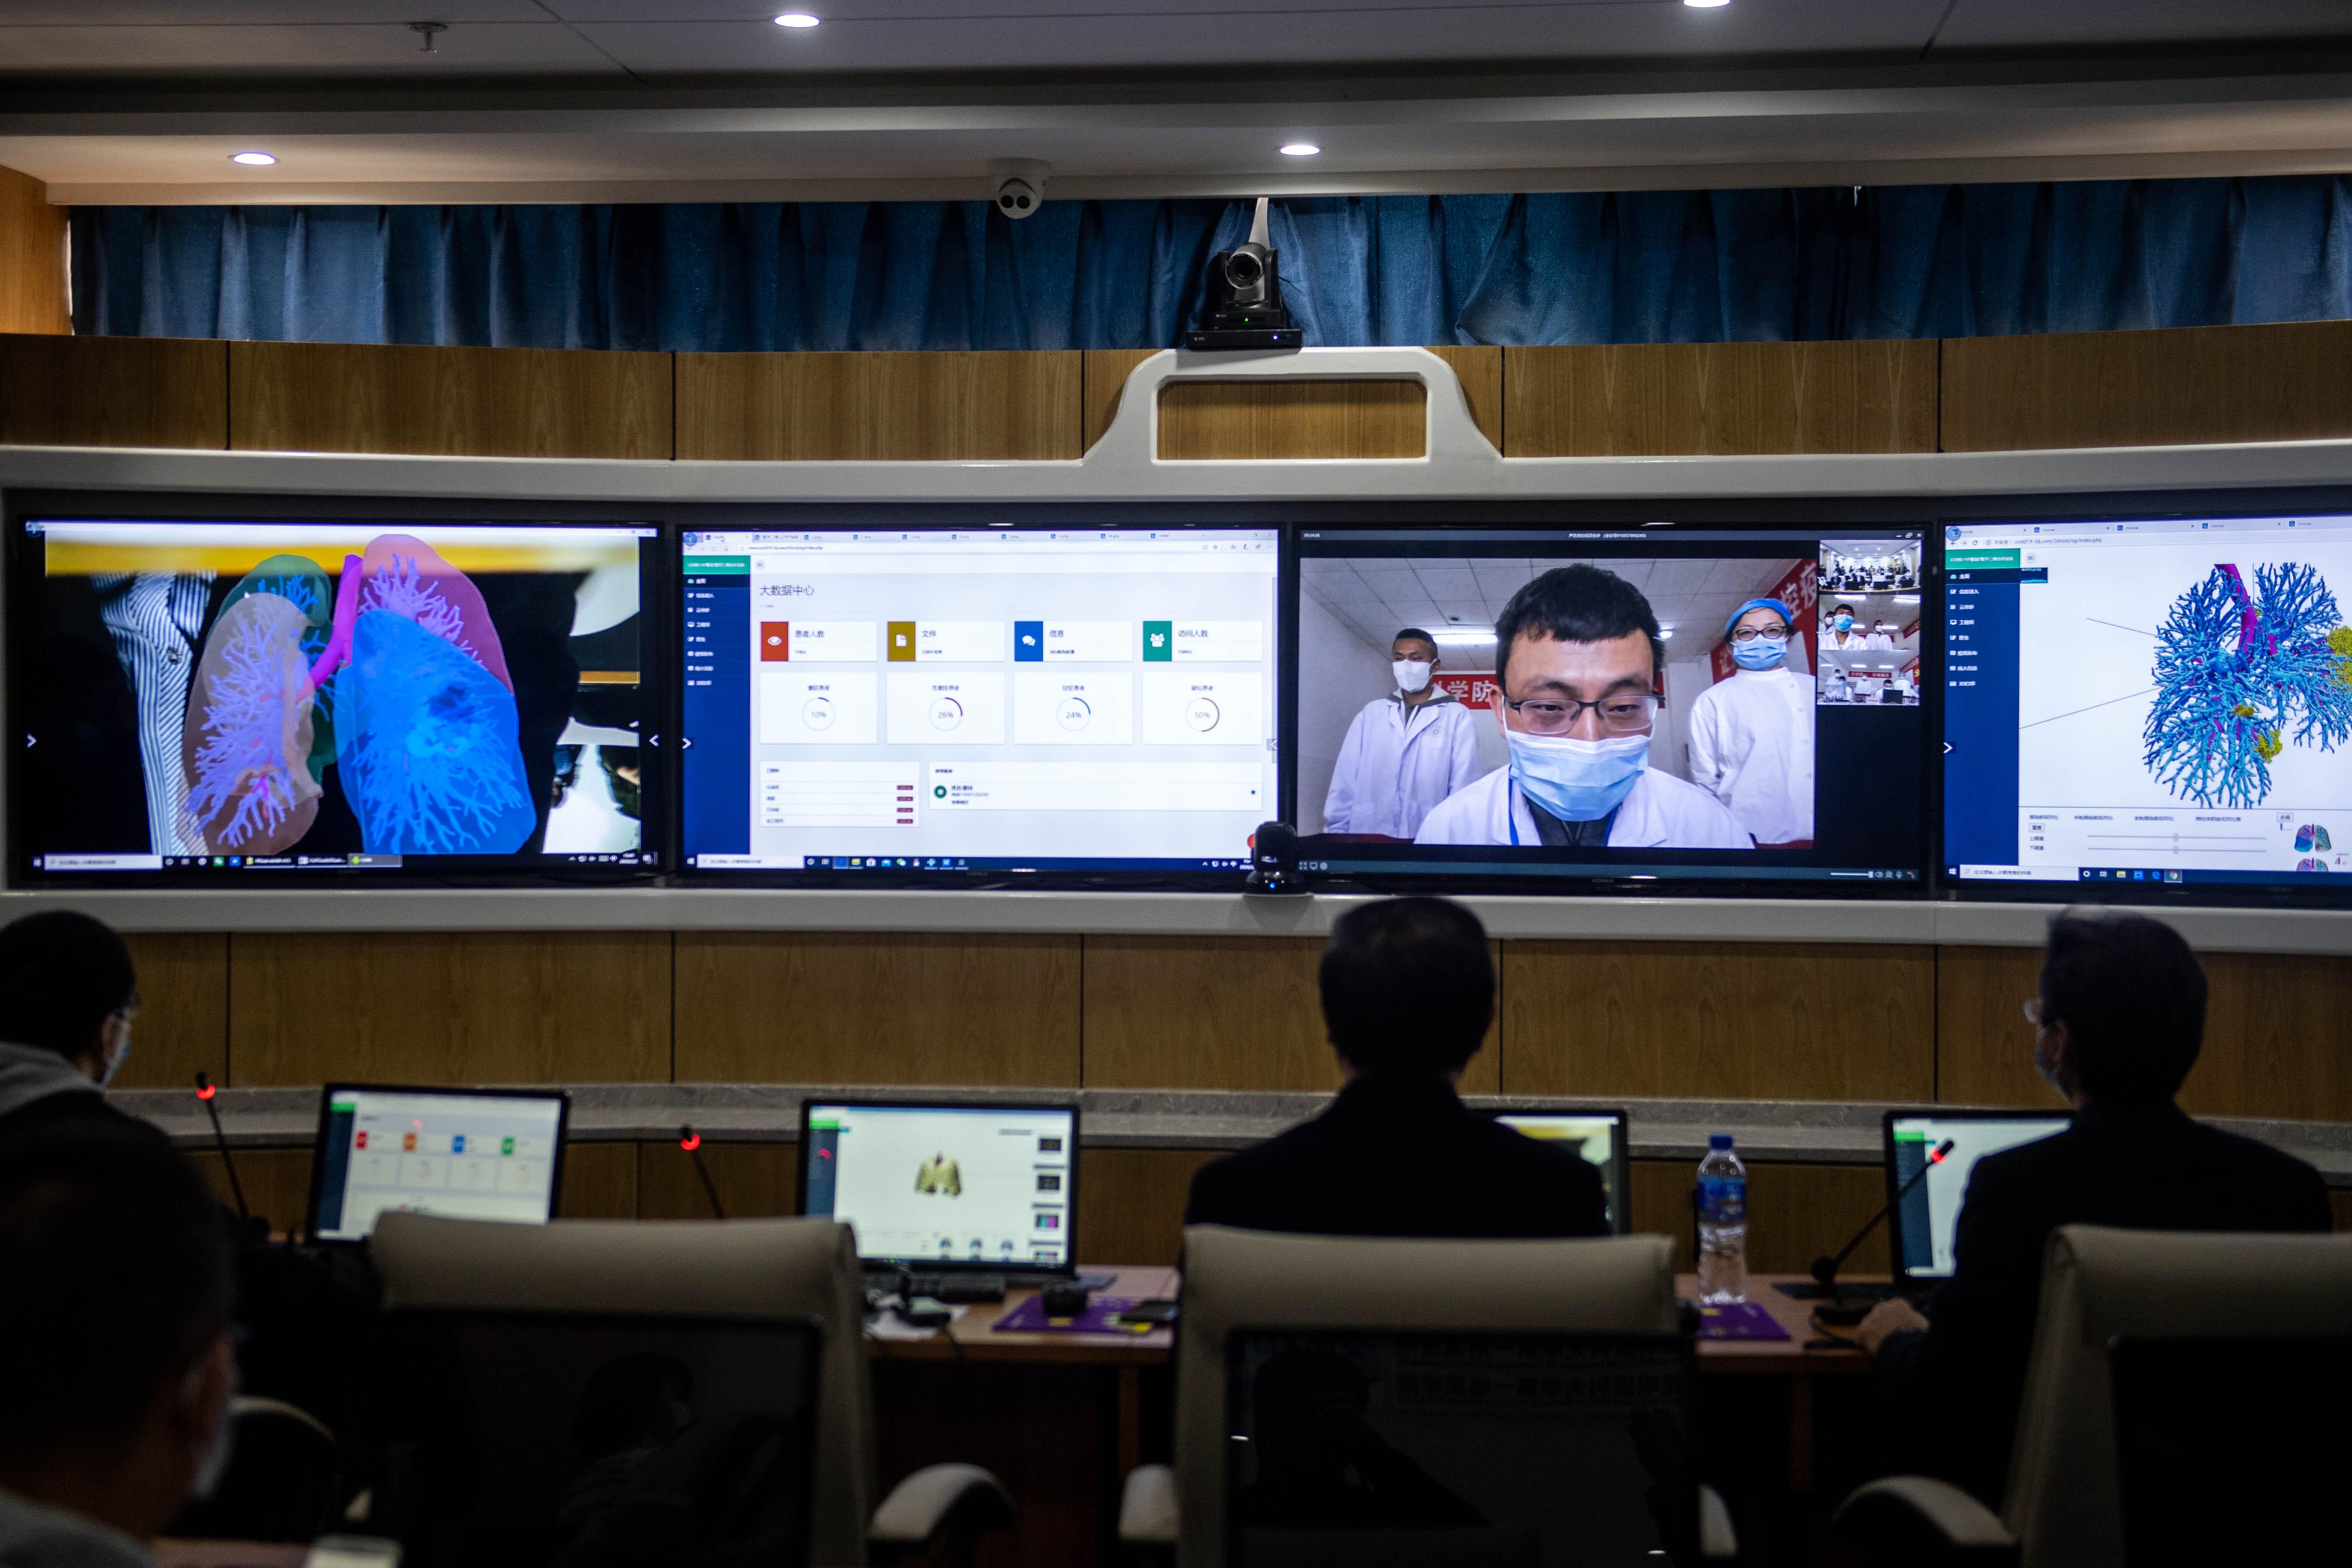 雲南省の医師、3D技術を使って新型肺炎患者の肺を診察